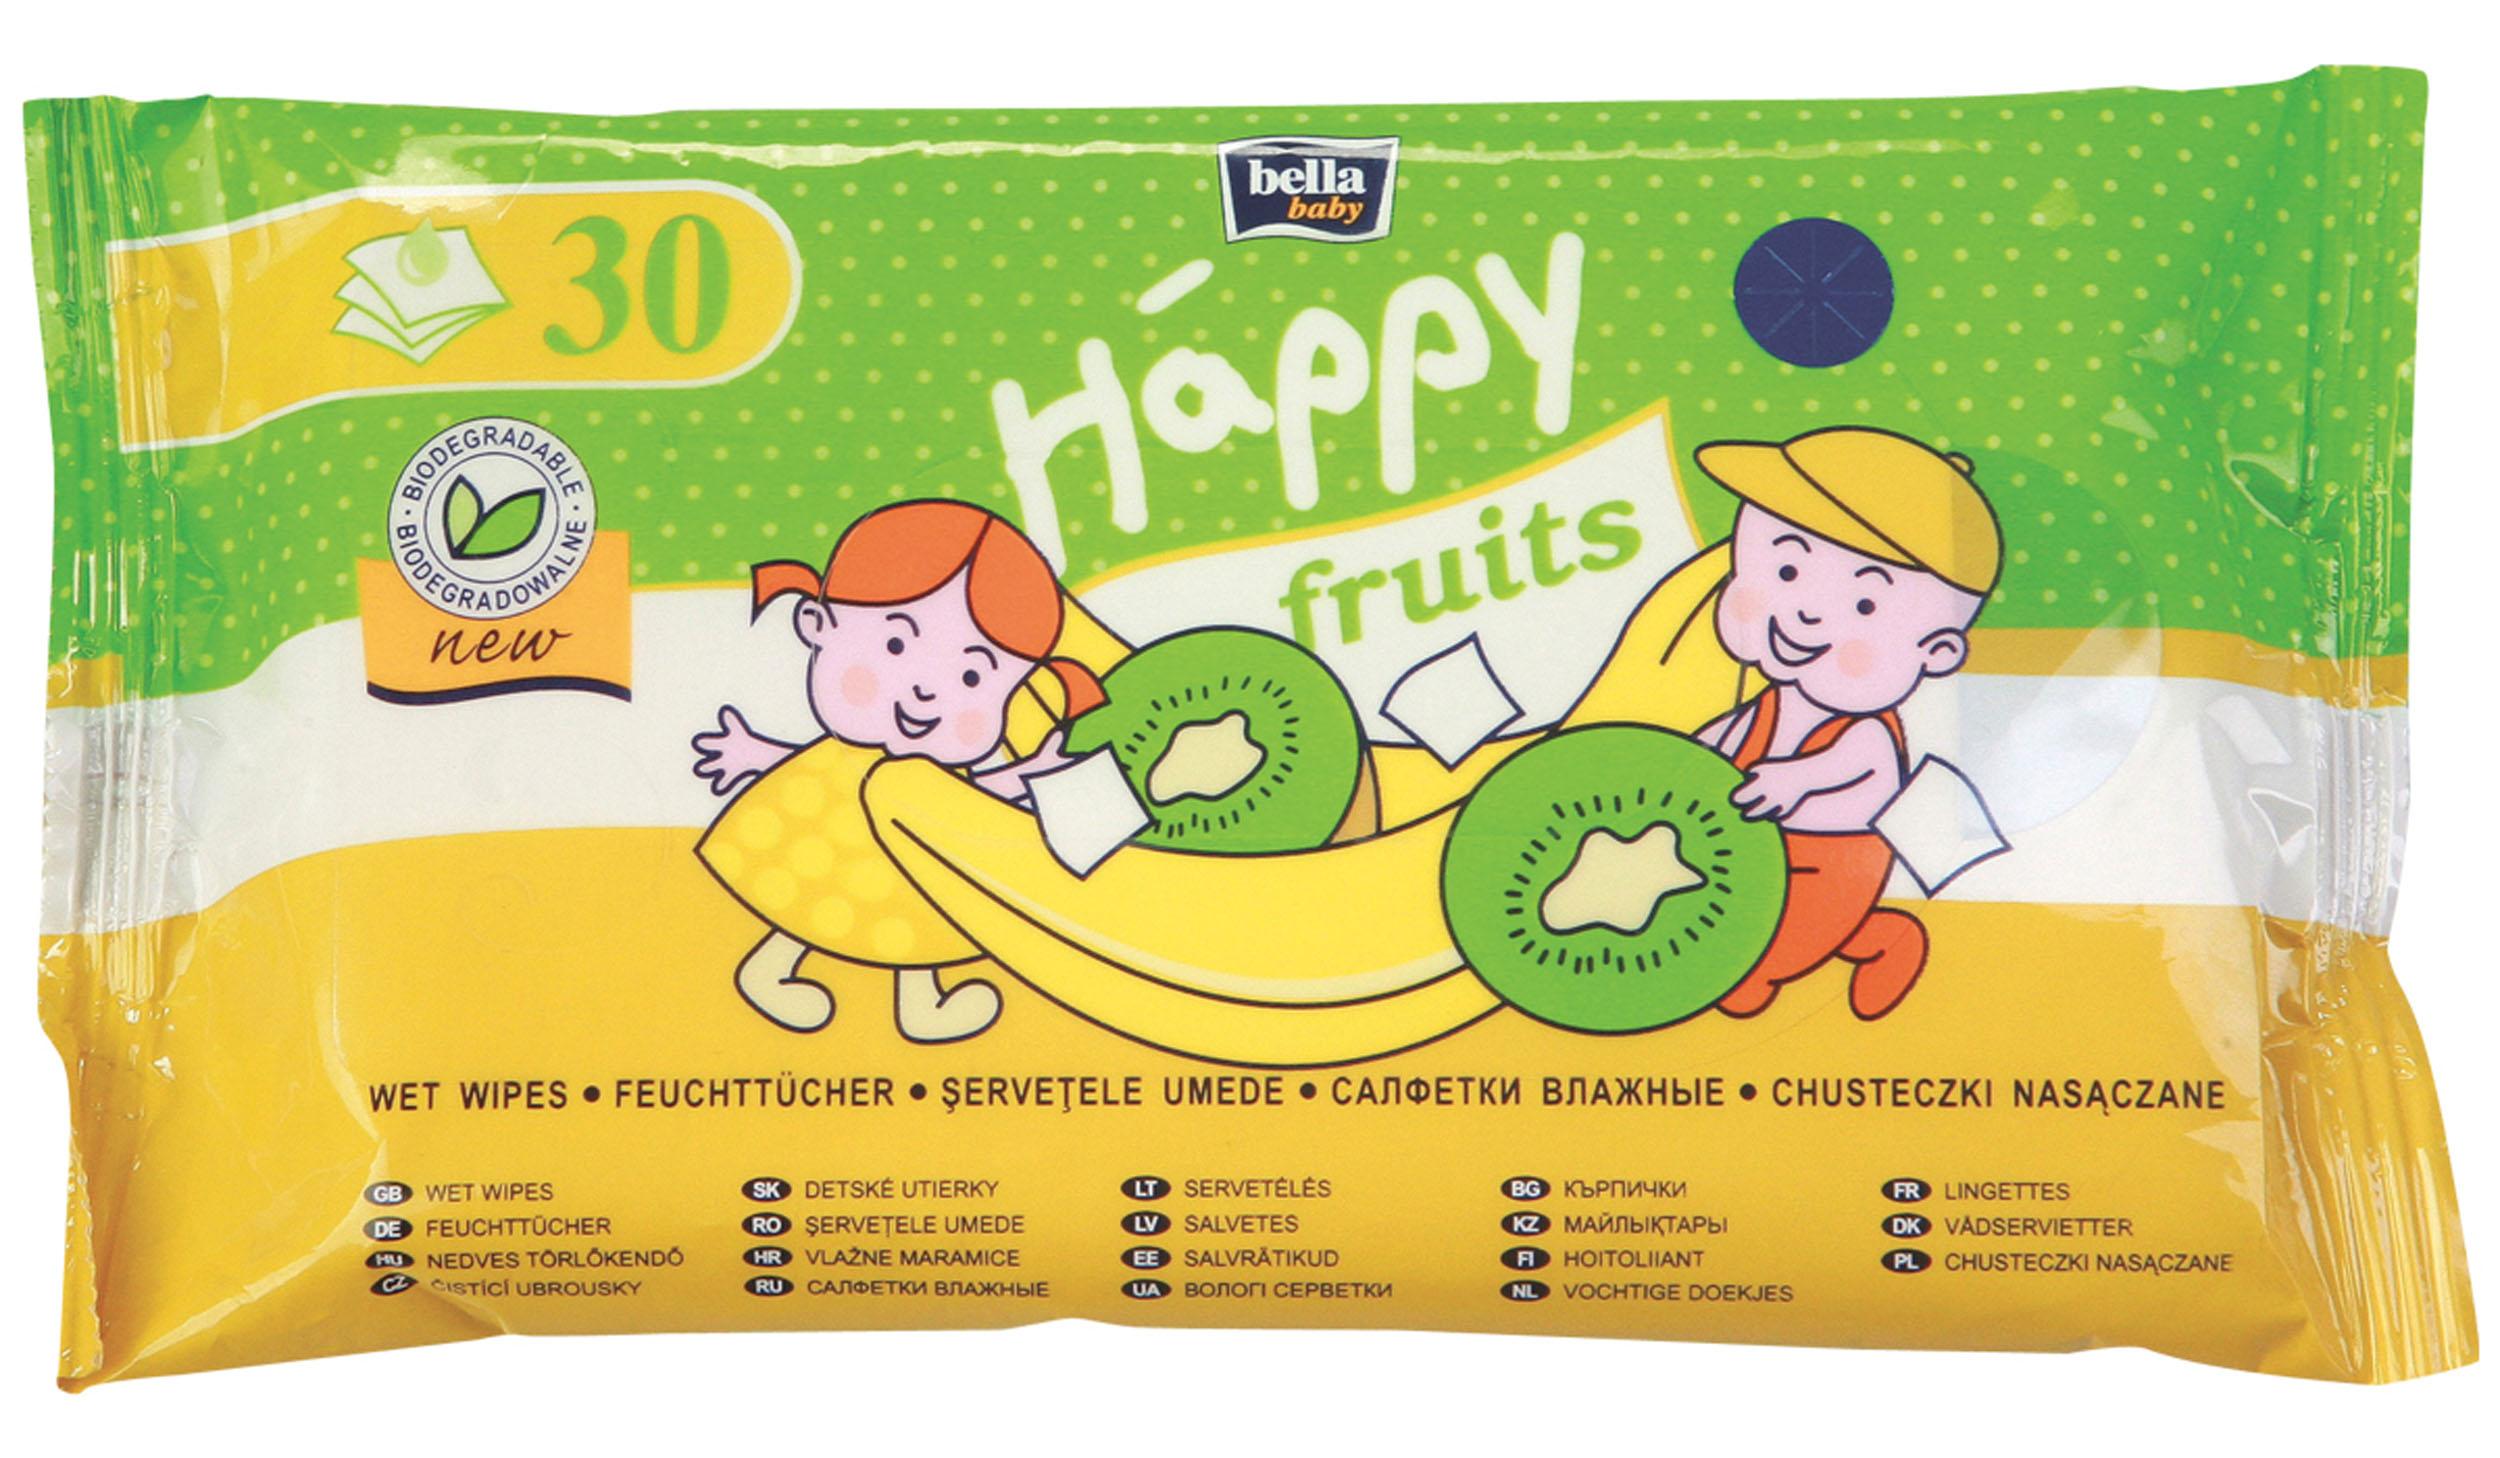 Bella Салфетки влажные Baby Happy Fruits, с ароматом банана и киви, 30 штBB-062-WF30-004Салфетки Happy Fruits с ароматом киви и бананом - биоразлагаемые влажные салфетки для детей старше двухлетнего возраста, которые начинают приучаться к самостоятельной гигиене. Интенсивный фруктовый аромат заинтересует Вашего Ребенка и поможет научиться пользоваться горшком или туалетом. Салфетки Happy Fruits это приятный и одновременно простой способ соблюдать гигиену Малыша – после использования можно легко их смыть в туалете. Салфетки обладают успокаивающими и увлажняющими свойствами, благодаря чему превосходно подходят также для очищения кожи рук и лица.